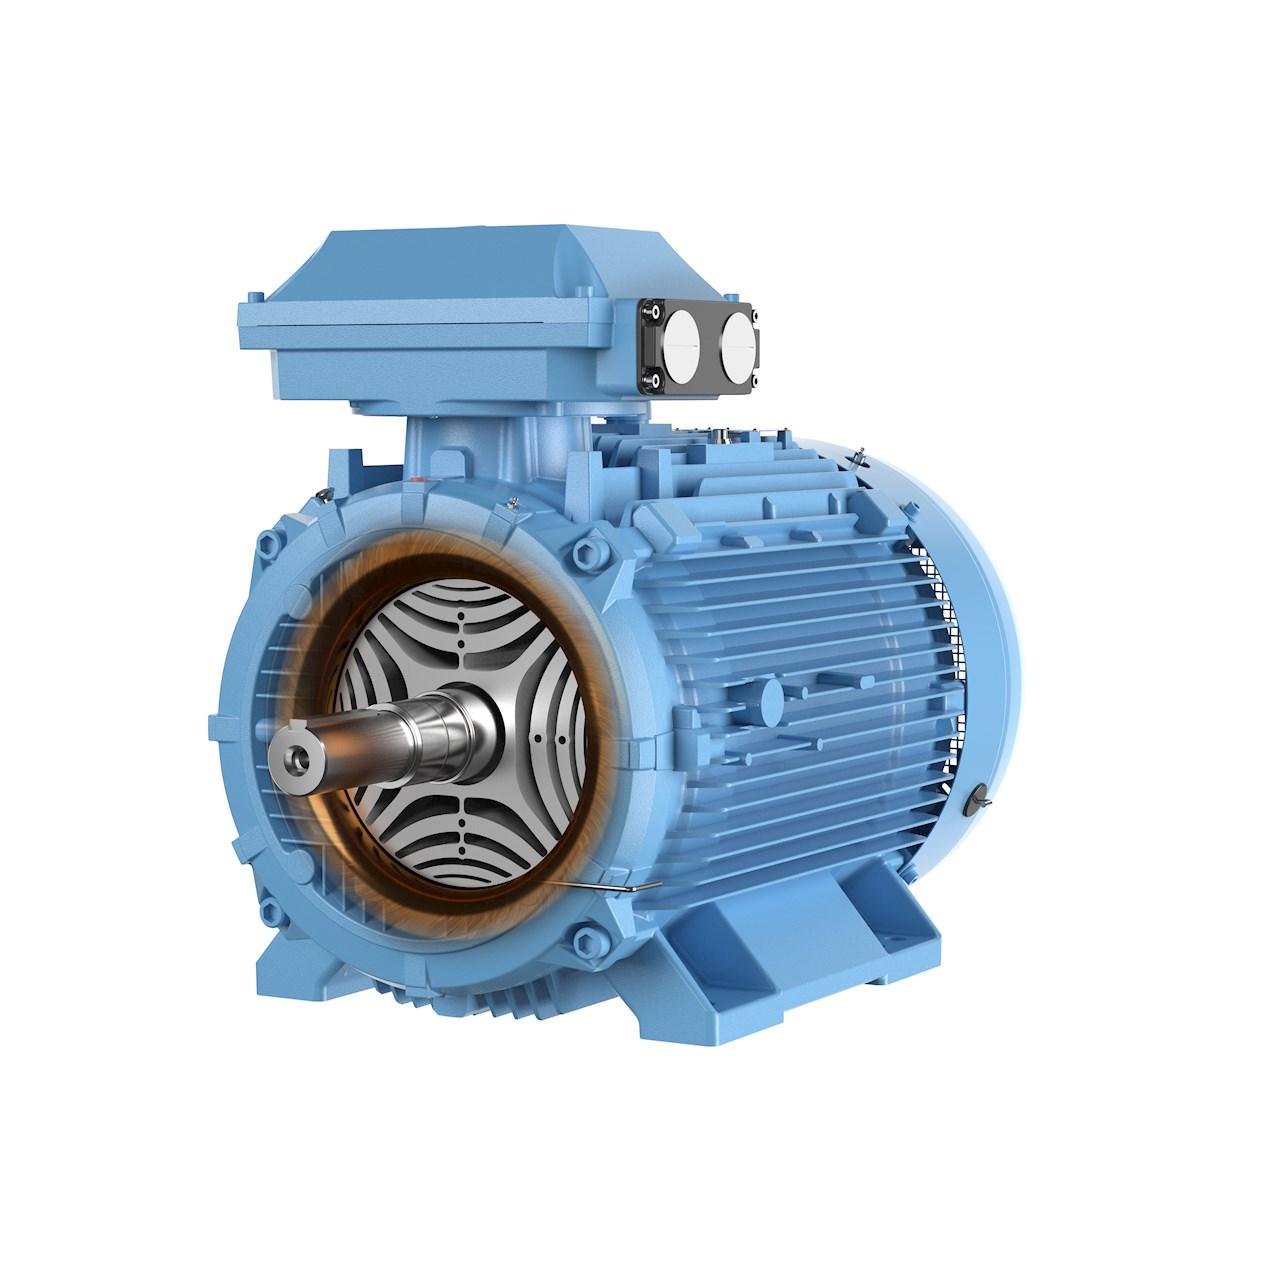 El motor SynRM de ABB en la clase de eficiencia energética ultra-premium IE5.